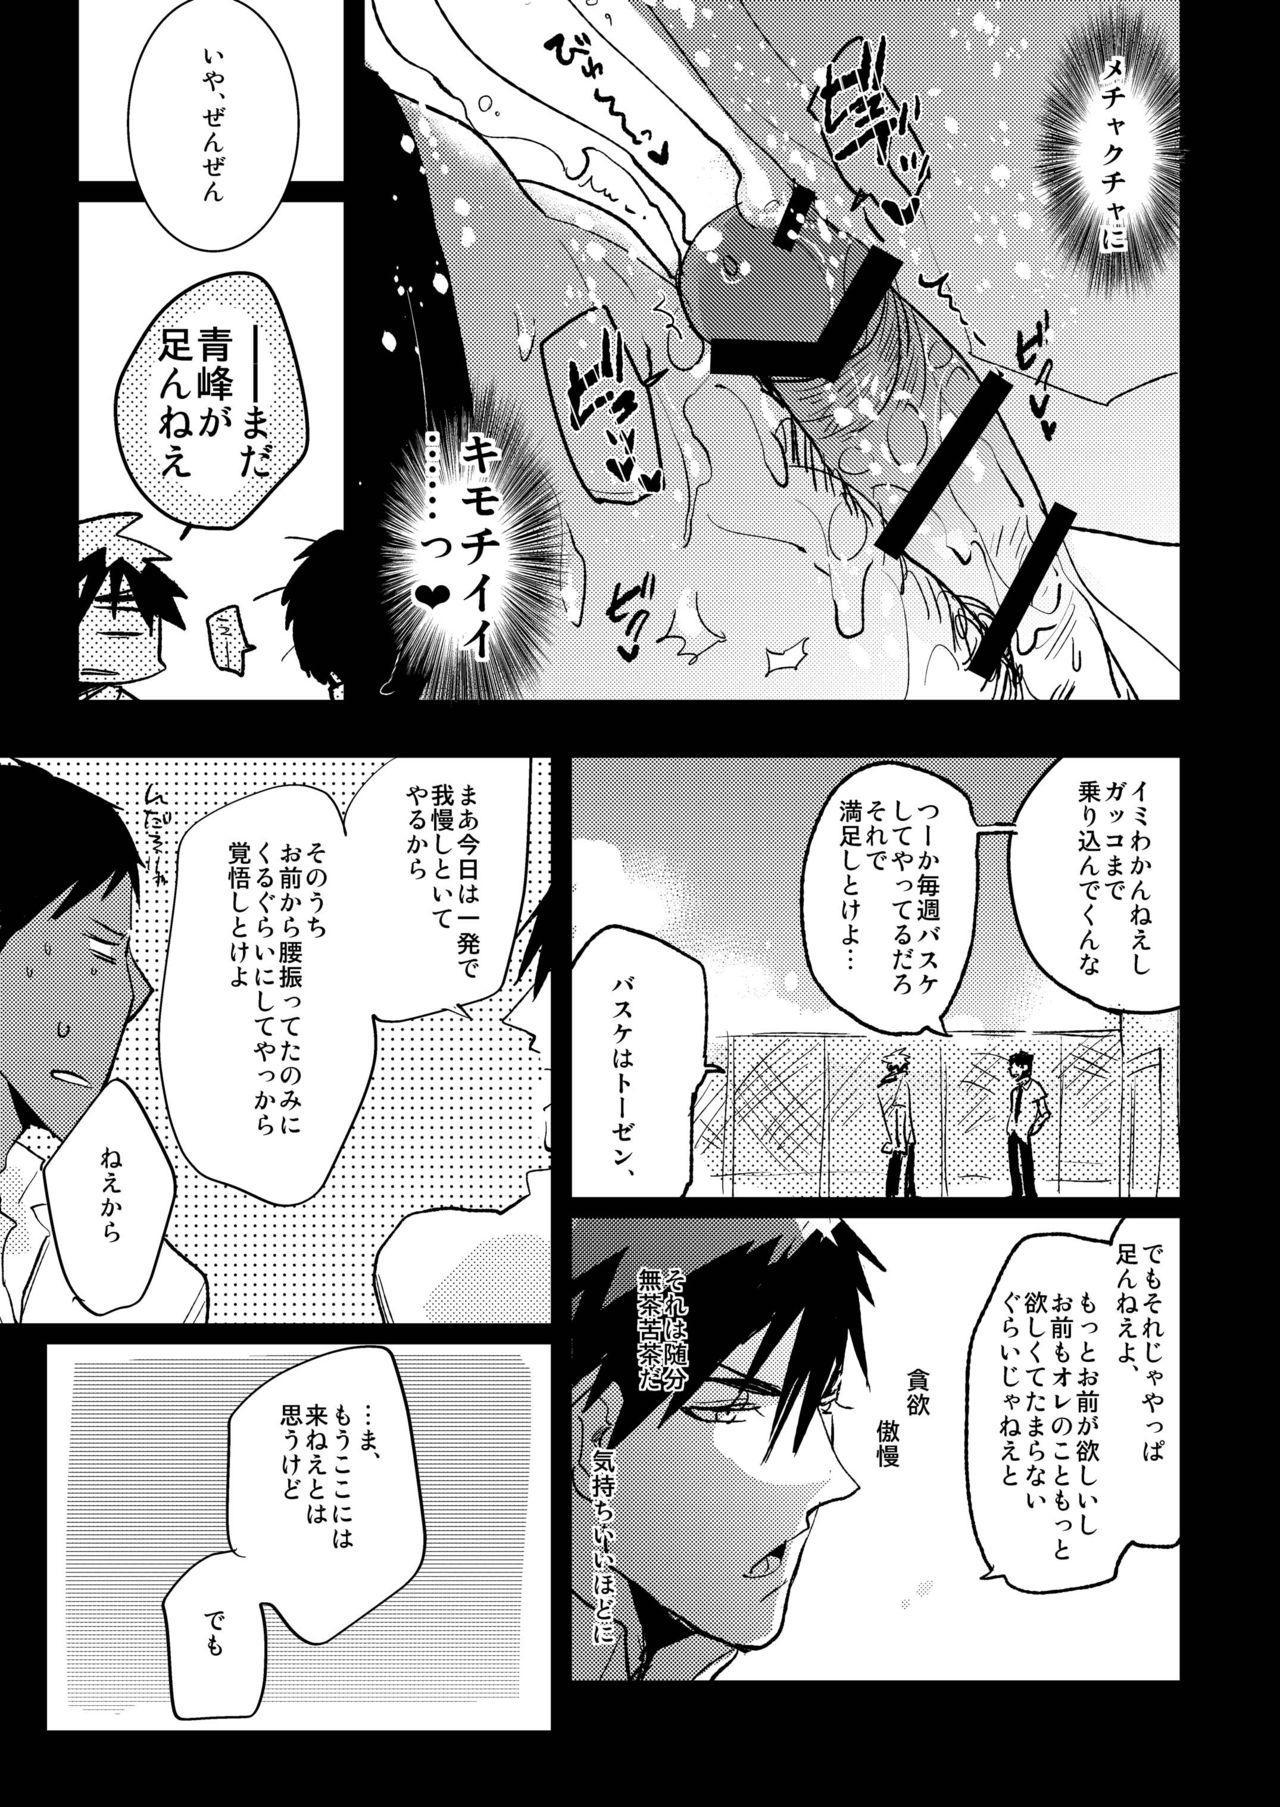 Kagami-kun no Ero hon 9 Ippatsuyara Sete Kure! 29